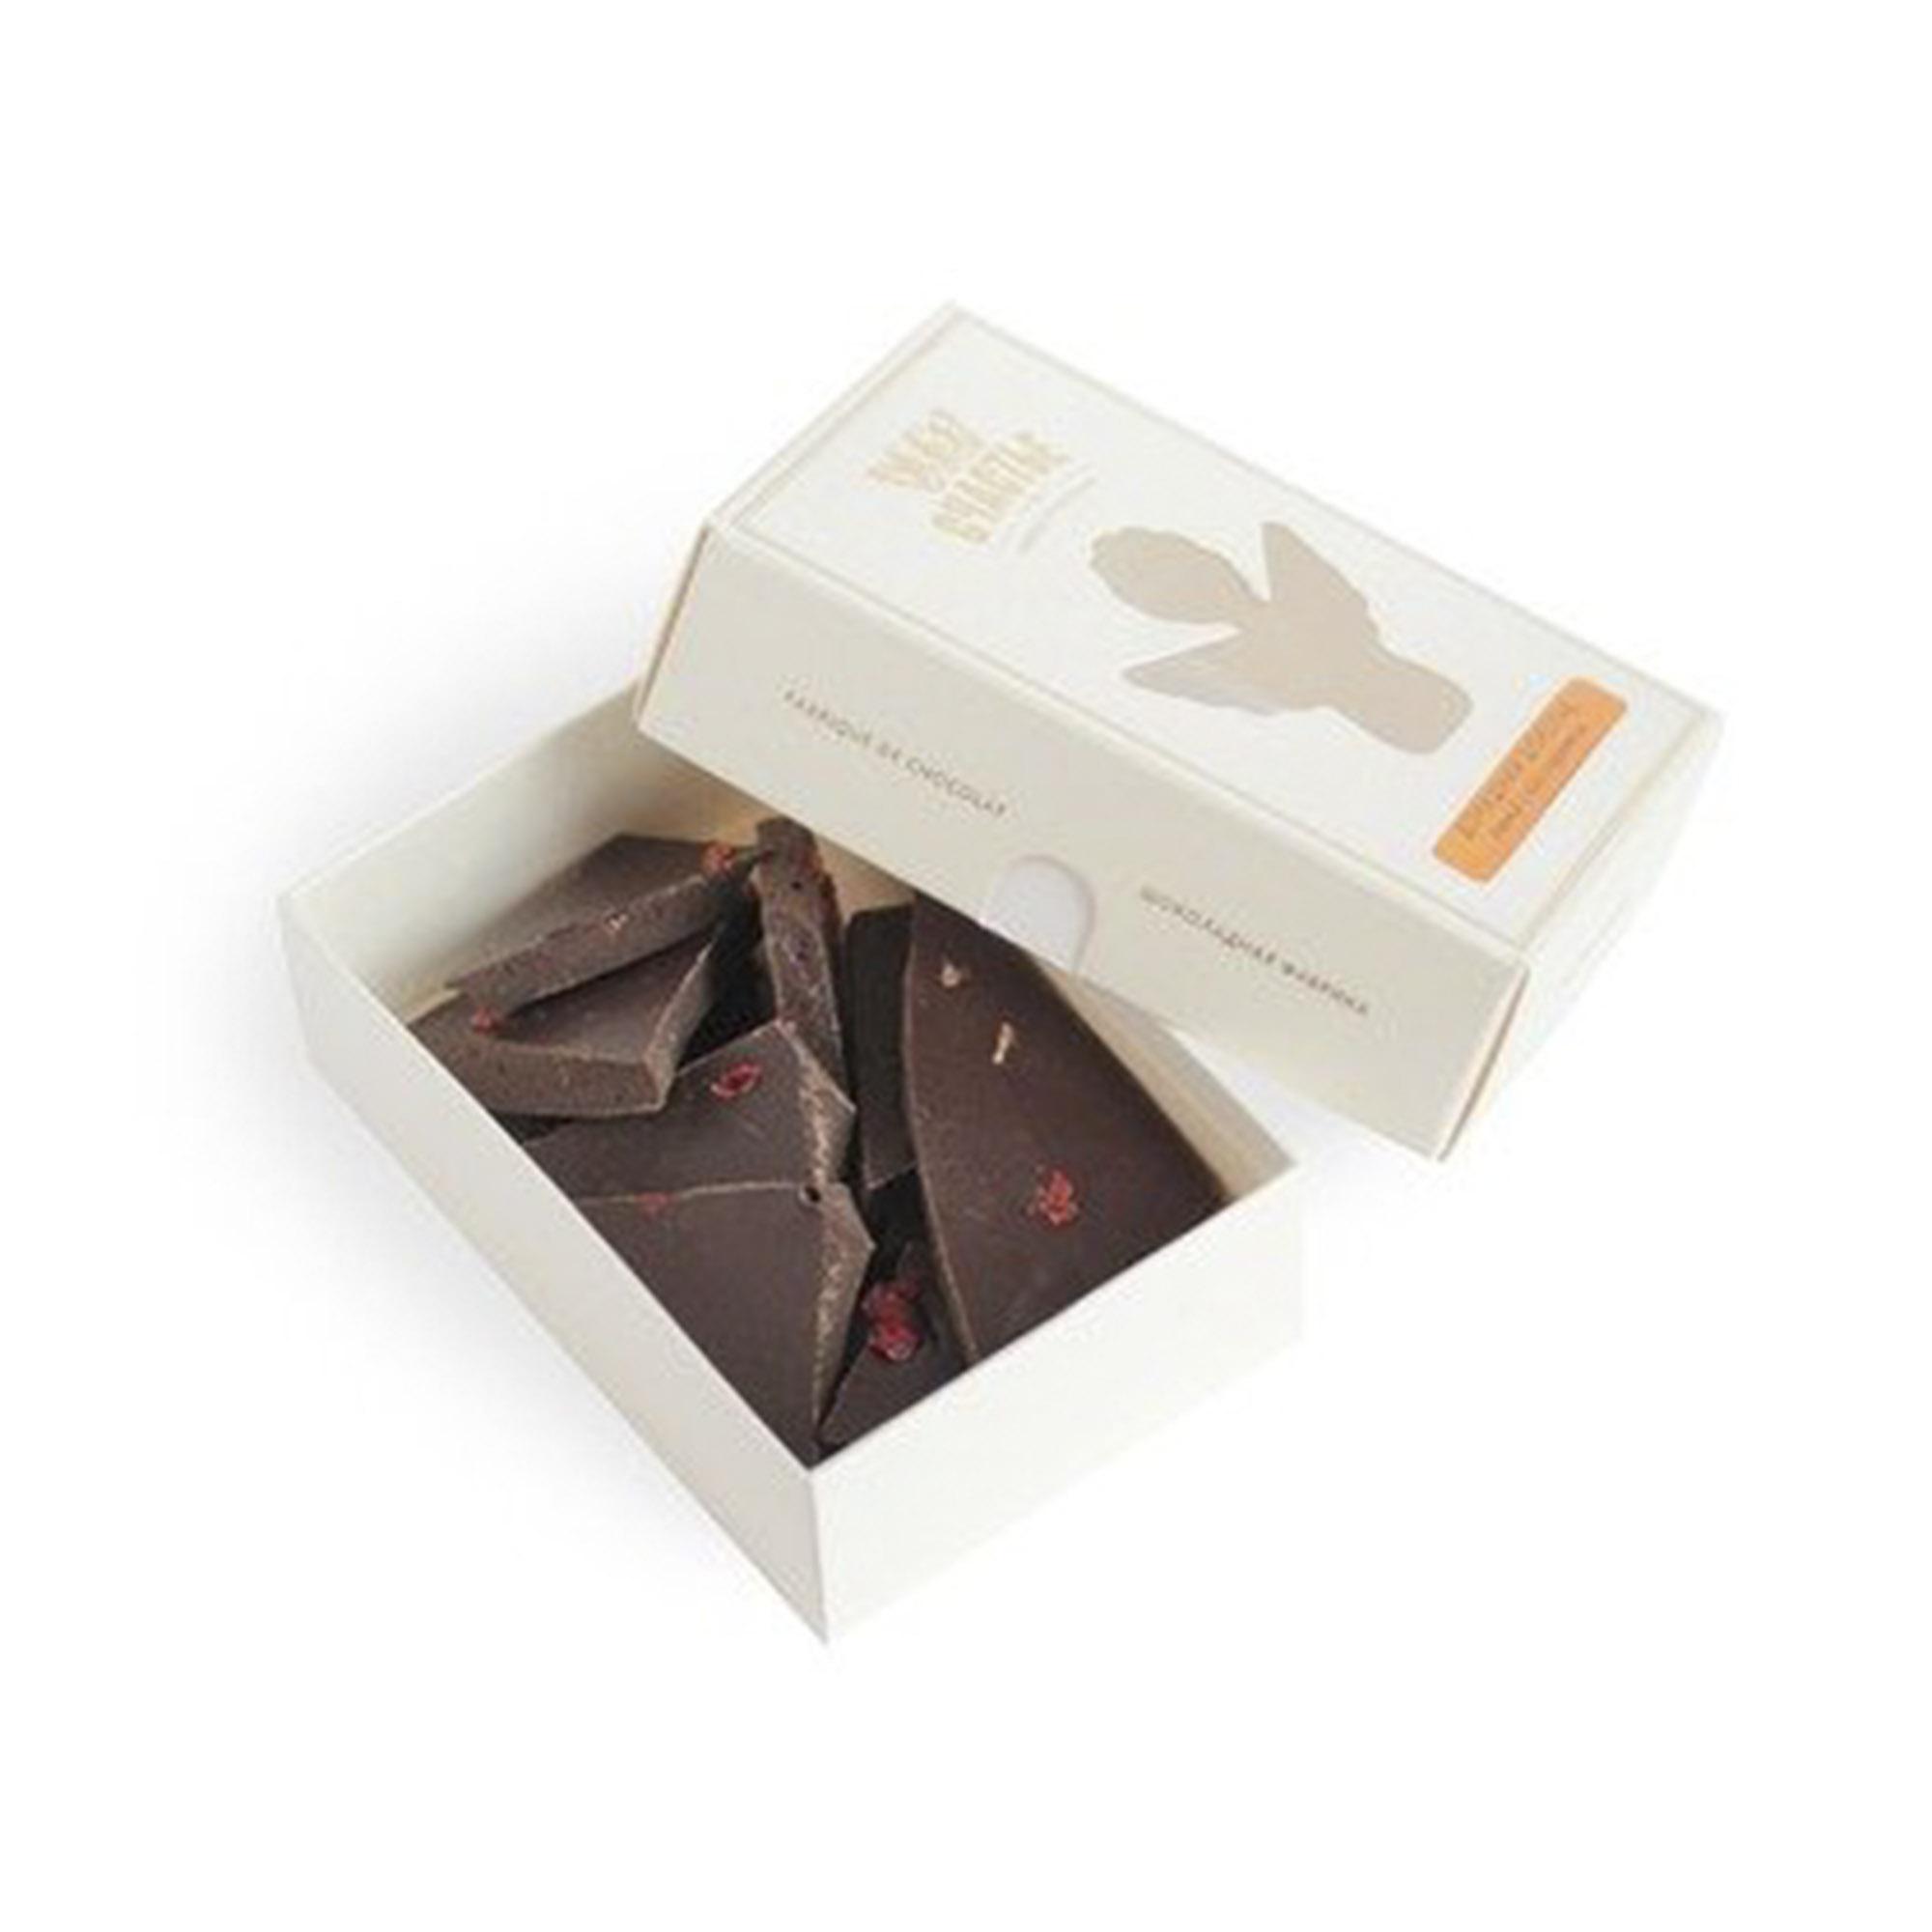 шоколад ameri горький 57% с лимоном и черным перцем 100 г Шоколад горький Счастье с карамелью и чили перцем 140 г